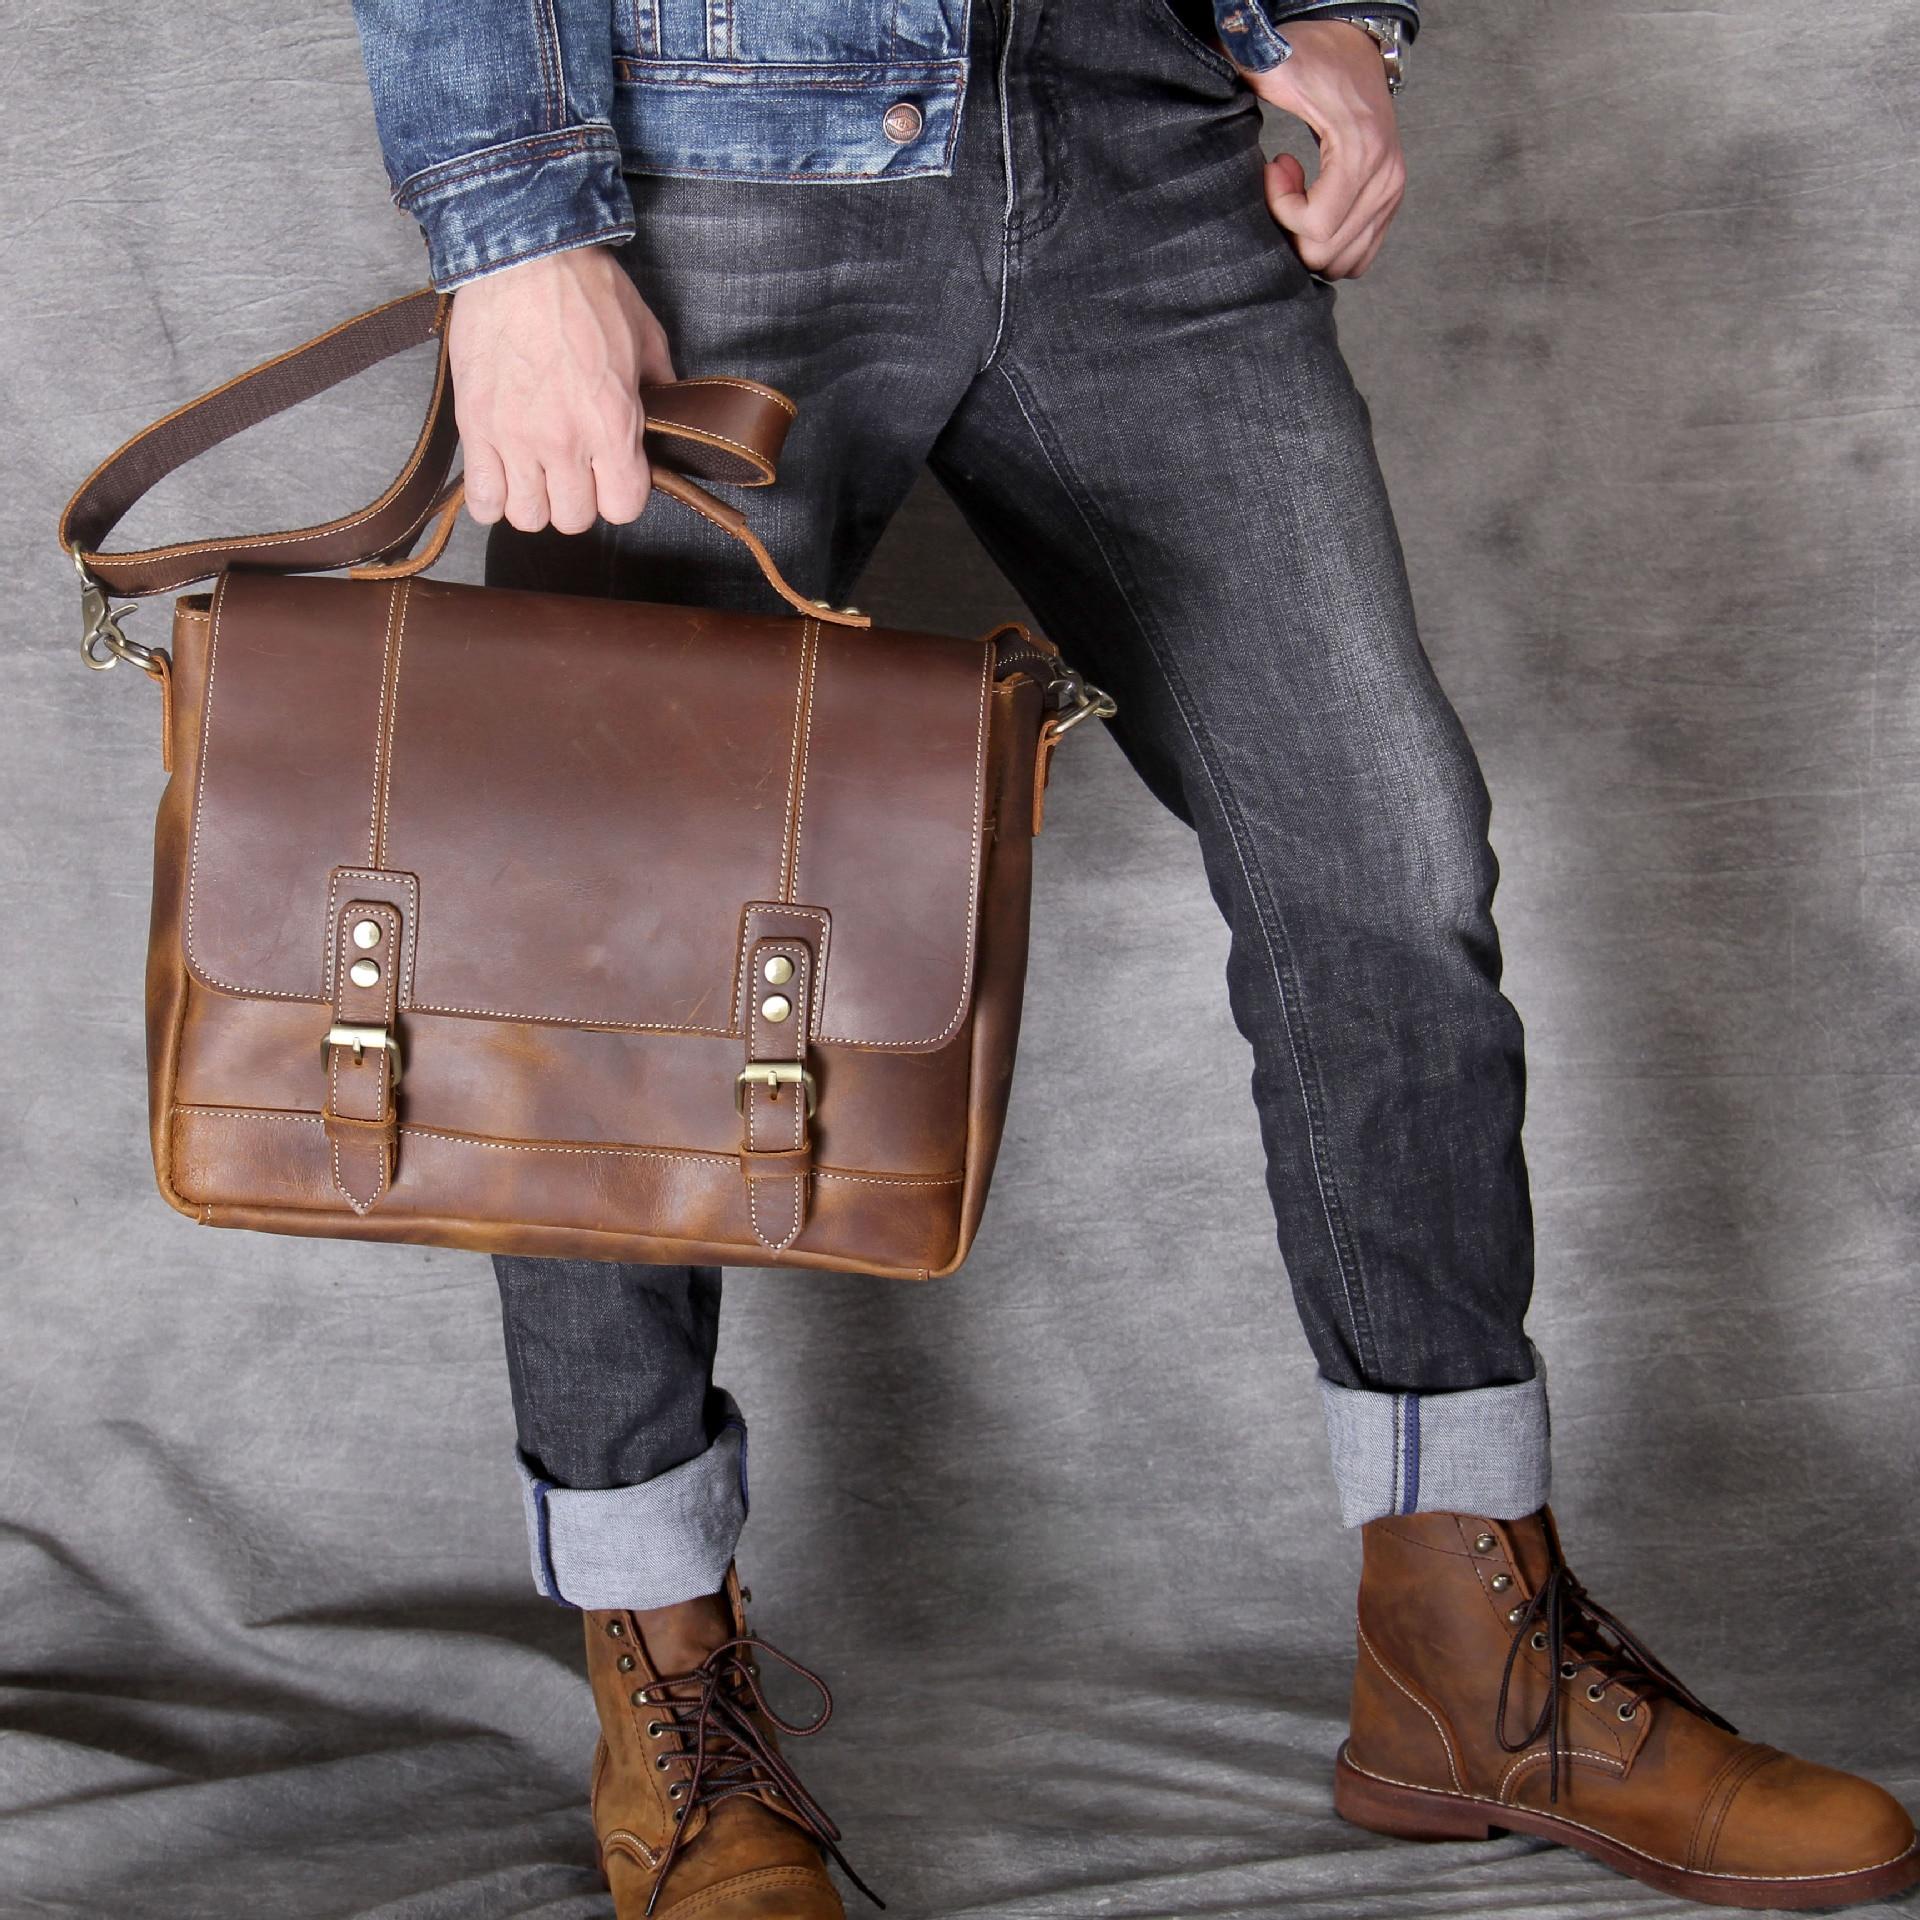 2019 New Crazy Horse Genuine Leather Men Bags Briefcases Handbag Shoulder Crossbody Bag Men Messenger Bags Leather Laptop Bag